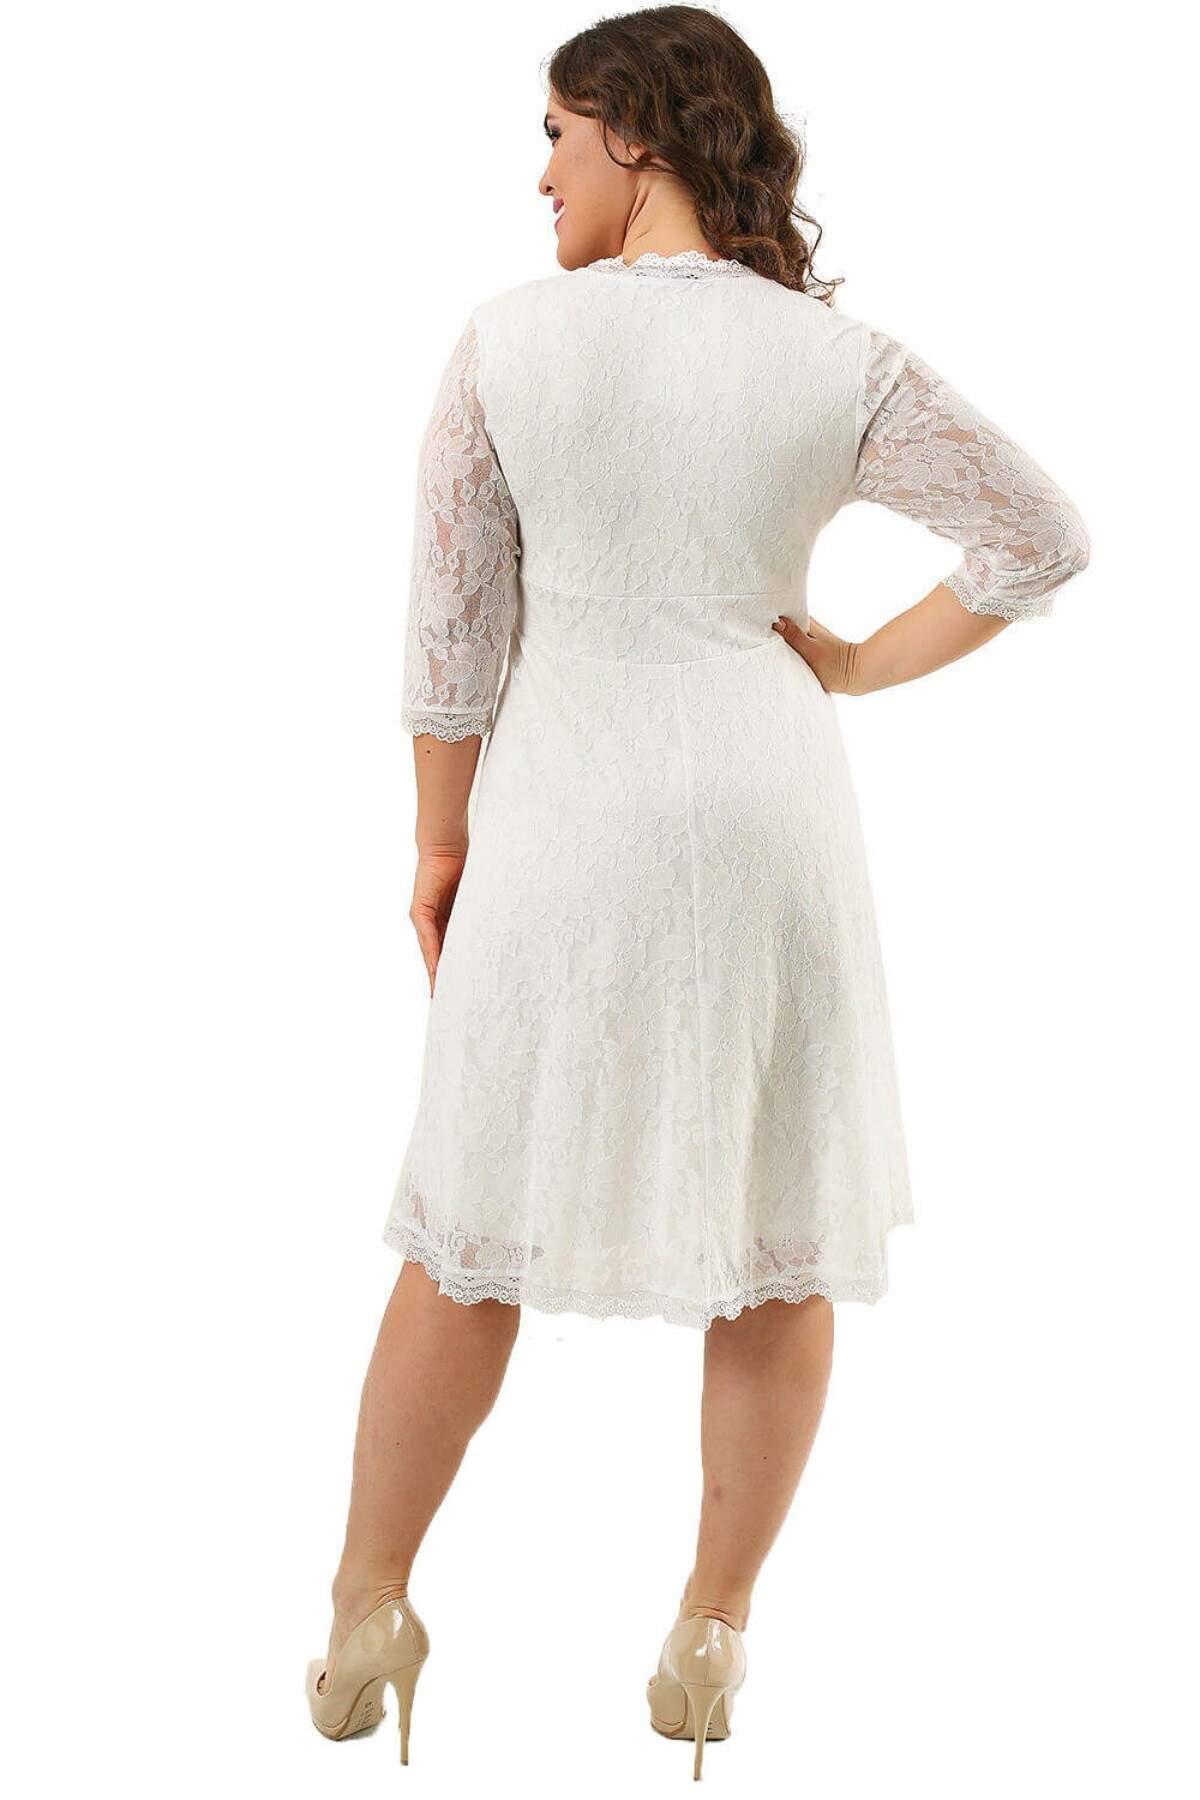 Büyük Beden Likralı Dantelli Kısa Elbise KL70088